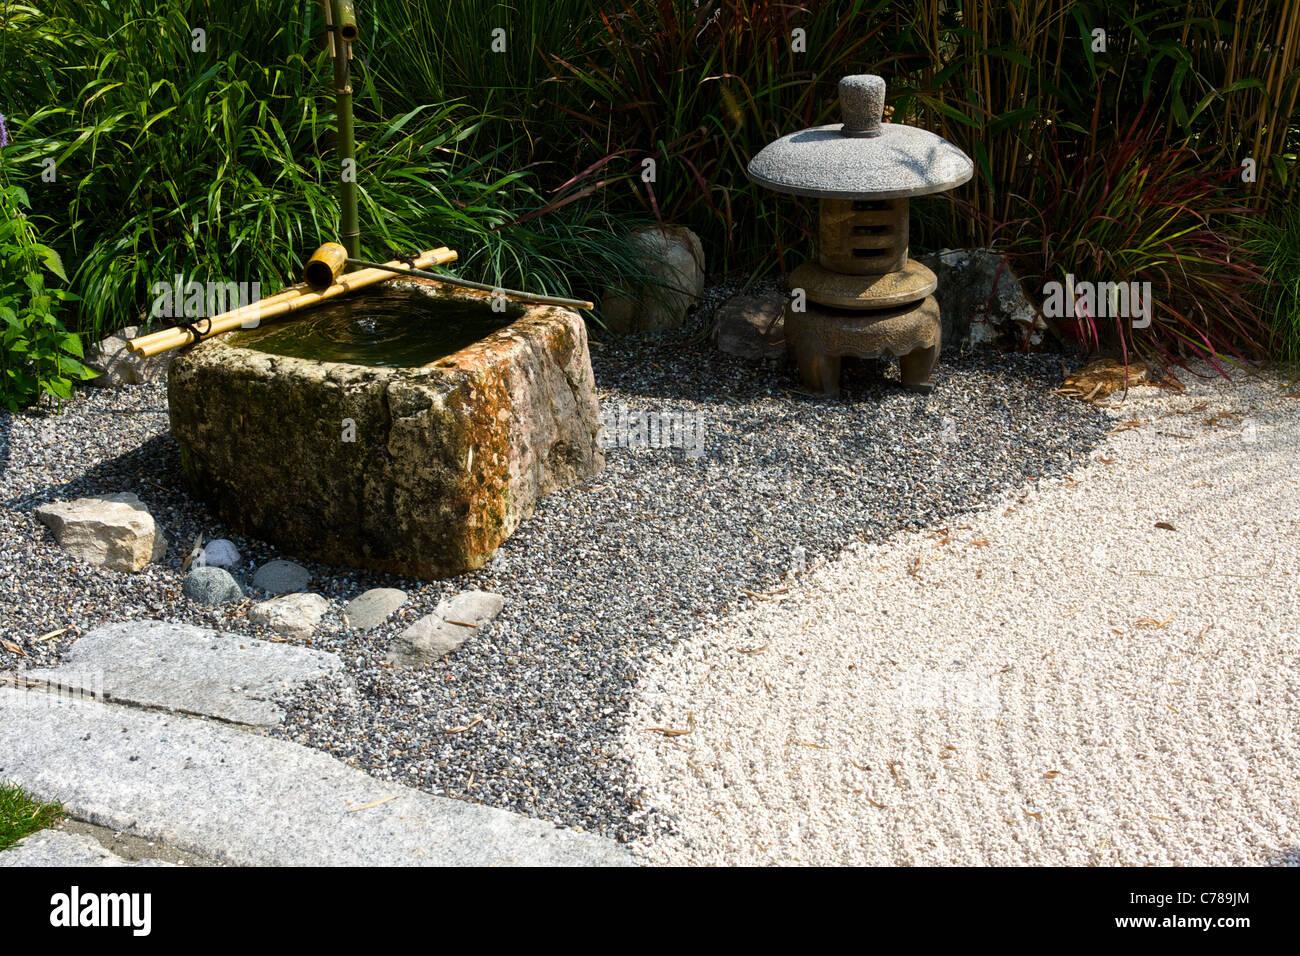 Japanischer garten mit bambus wasser weg von steinen und pflanzen stockfoto bild 38906524 - Garten mit bambus ...